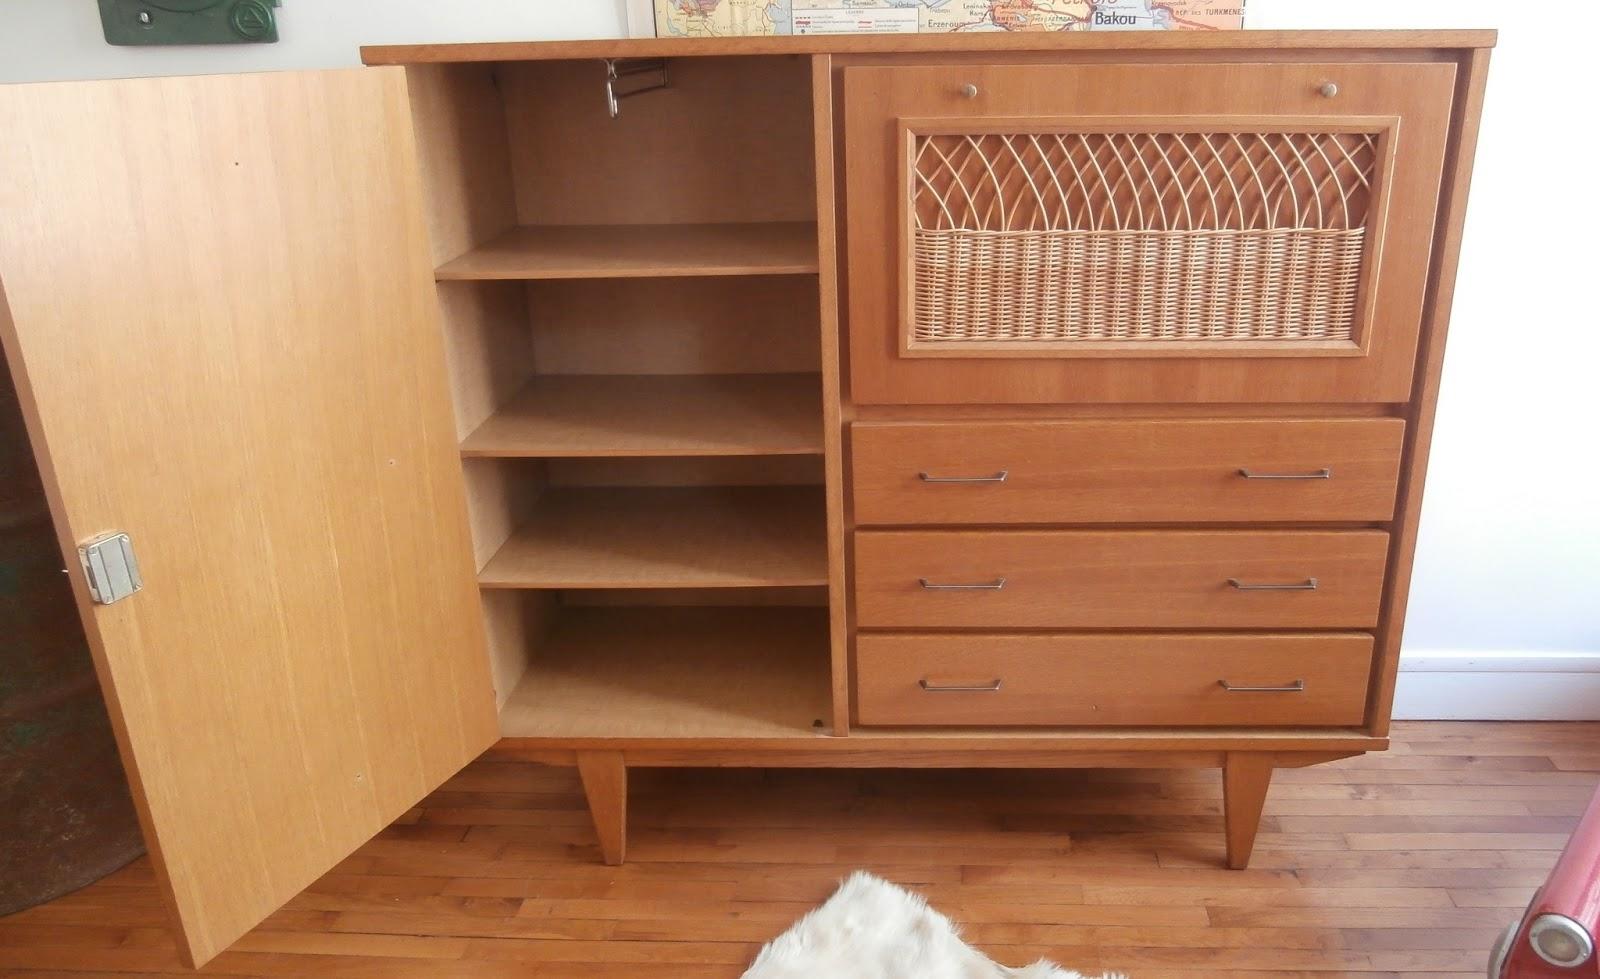 Dur e de vie ind termin e petit meuble secr taire bois et for Petit secretaire meuble